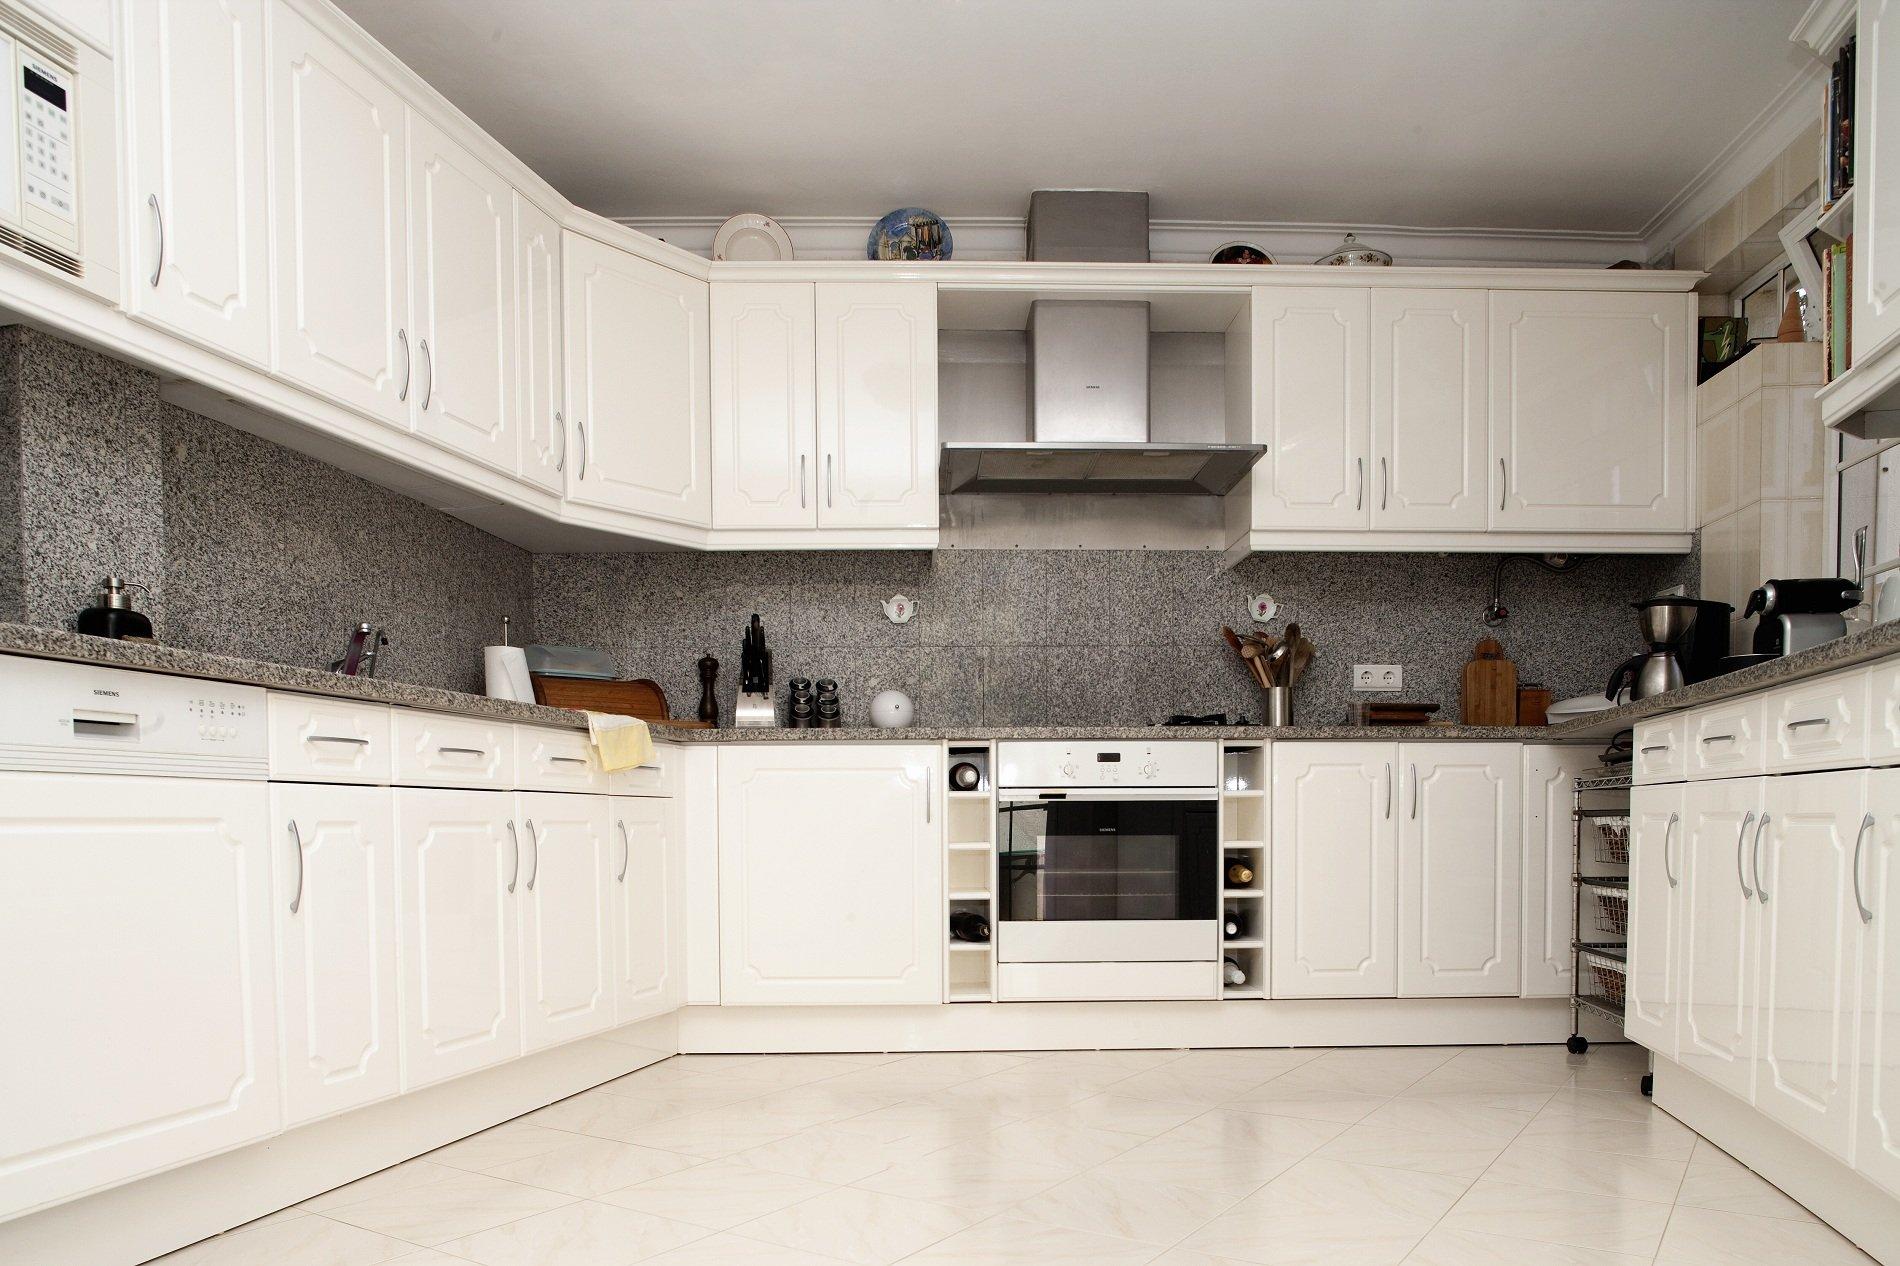 una cucina angolare con mobili bianchi